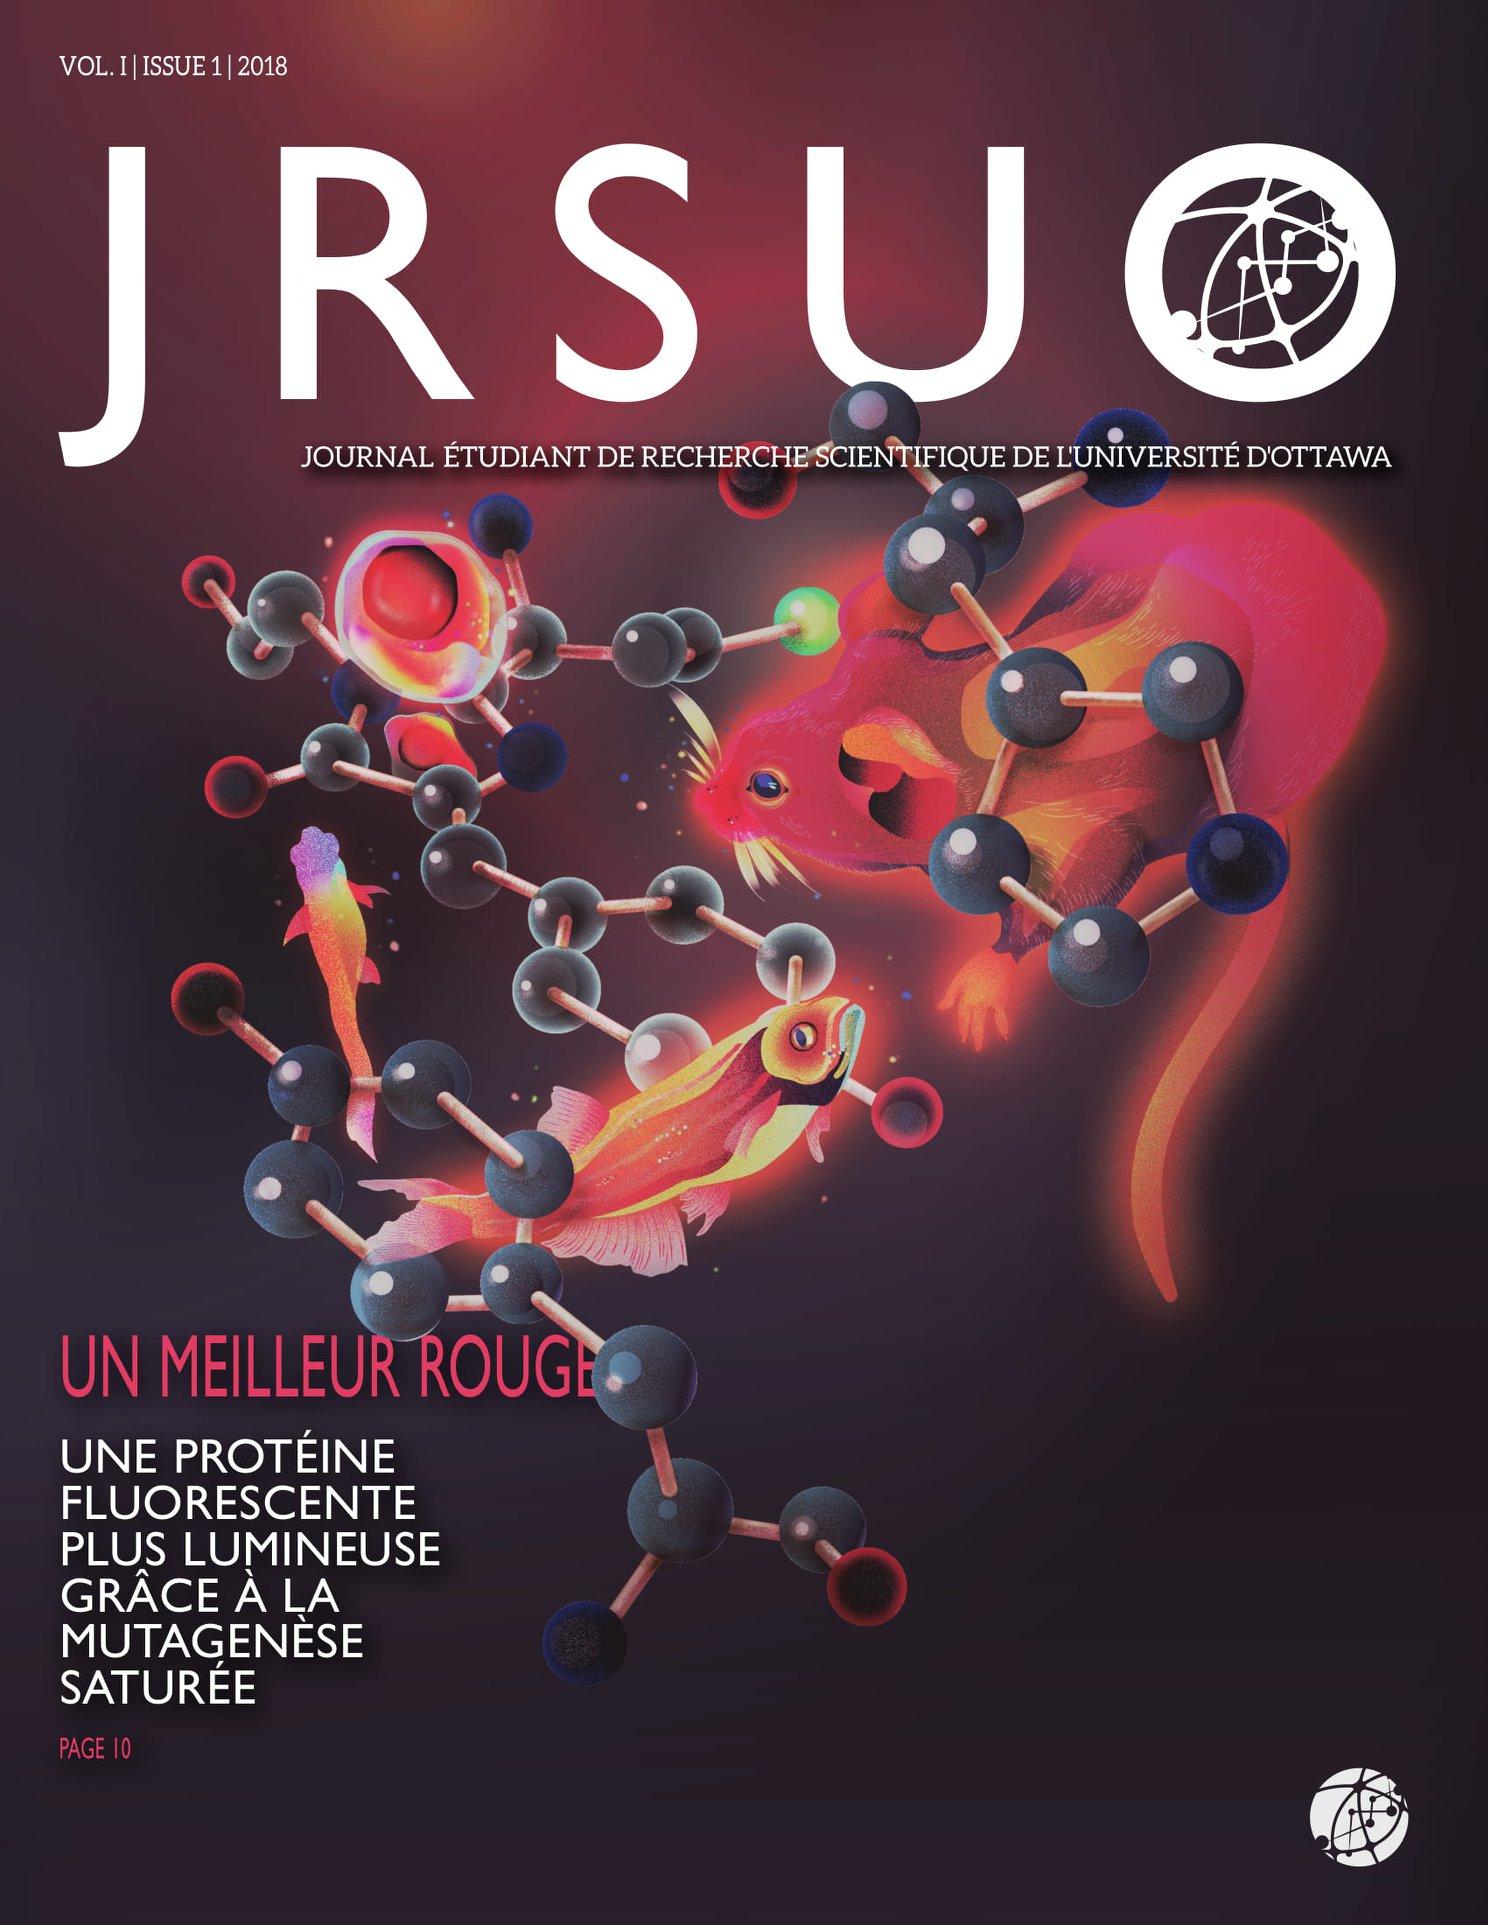 Introduisant Notre Premier Numéro de Publication. - Le JRSUO est heureux de présenter notre premier numéro inaugural créé par les étudiants de l'Université d'Ottawa. Approfondissez votre compréhension de nombreux sujets liés aux sciences et à l'ingénierie grâce aux analyses de vos pairs et aux recherches originales menées aujourd'hui!